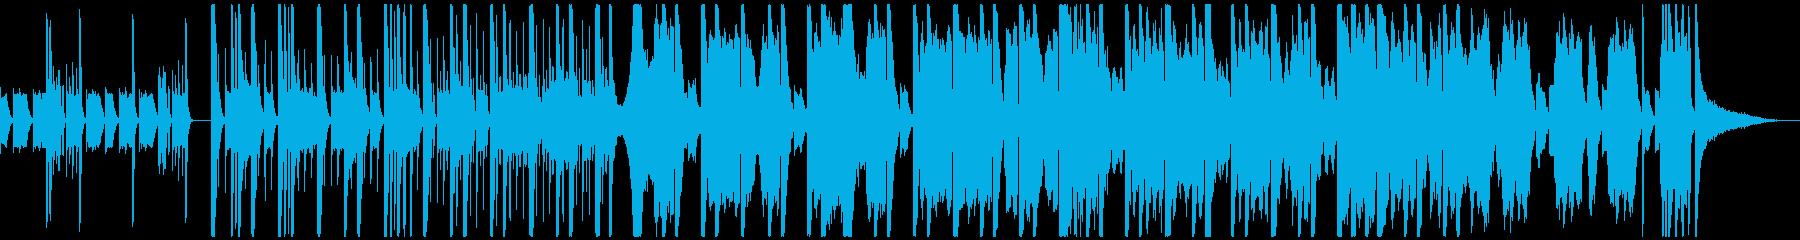 海外ブランドCMトラック2(和風)の再生済みの波形